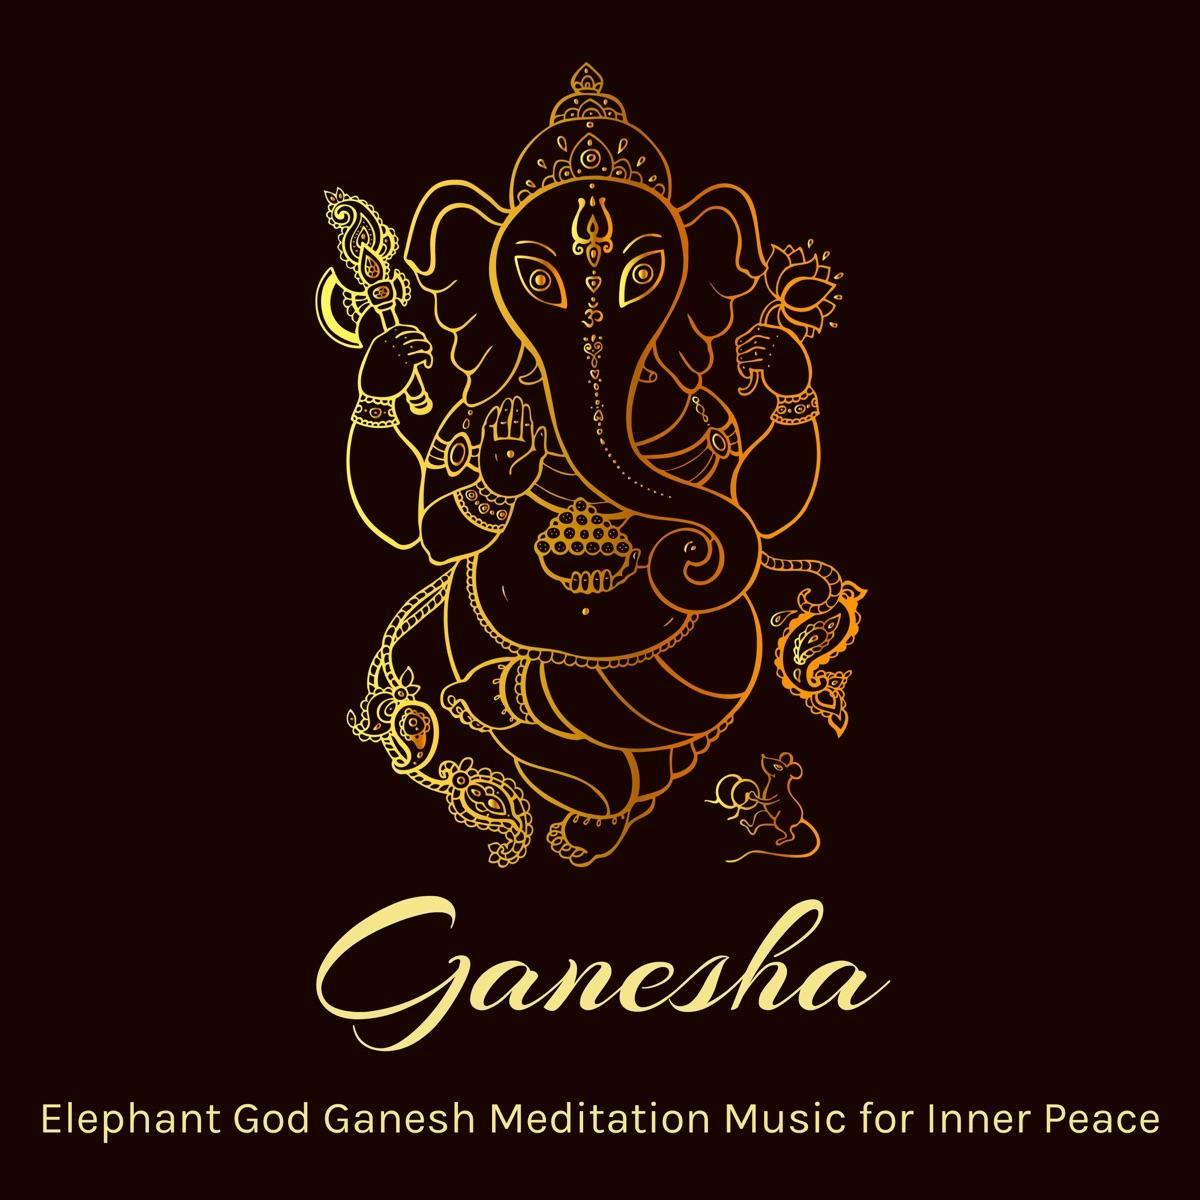 Ganesha - Elephant God Ganesh Meditation Music for Inner